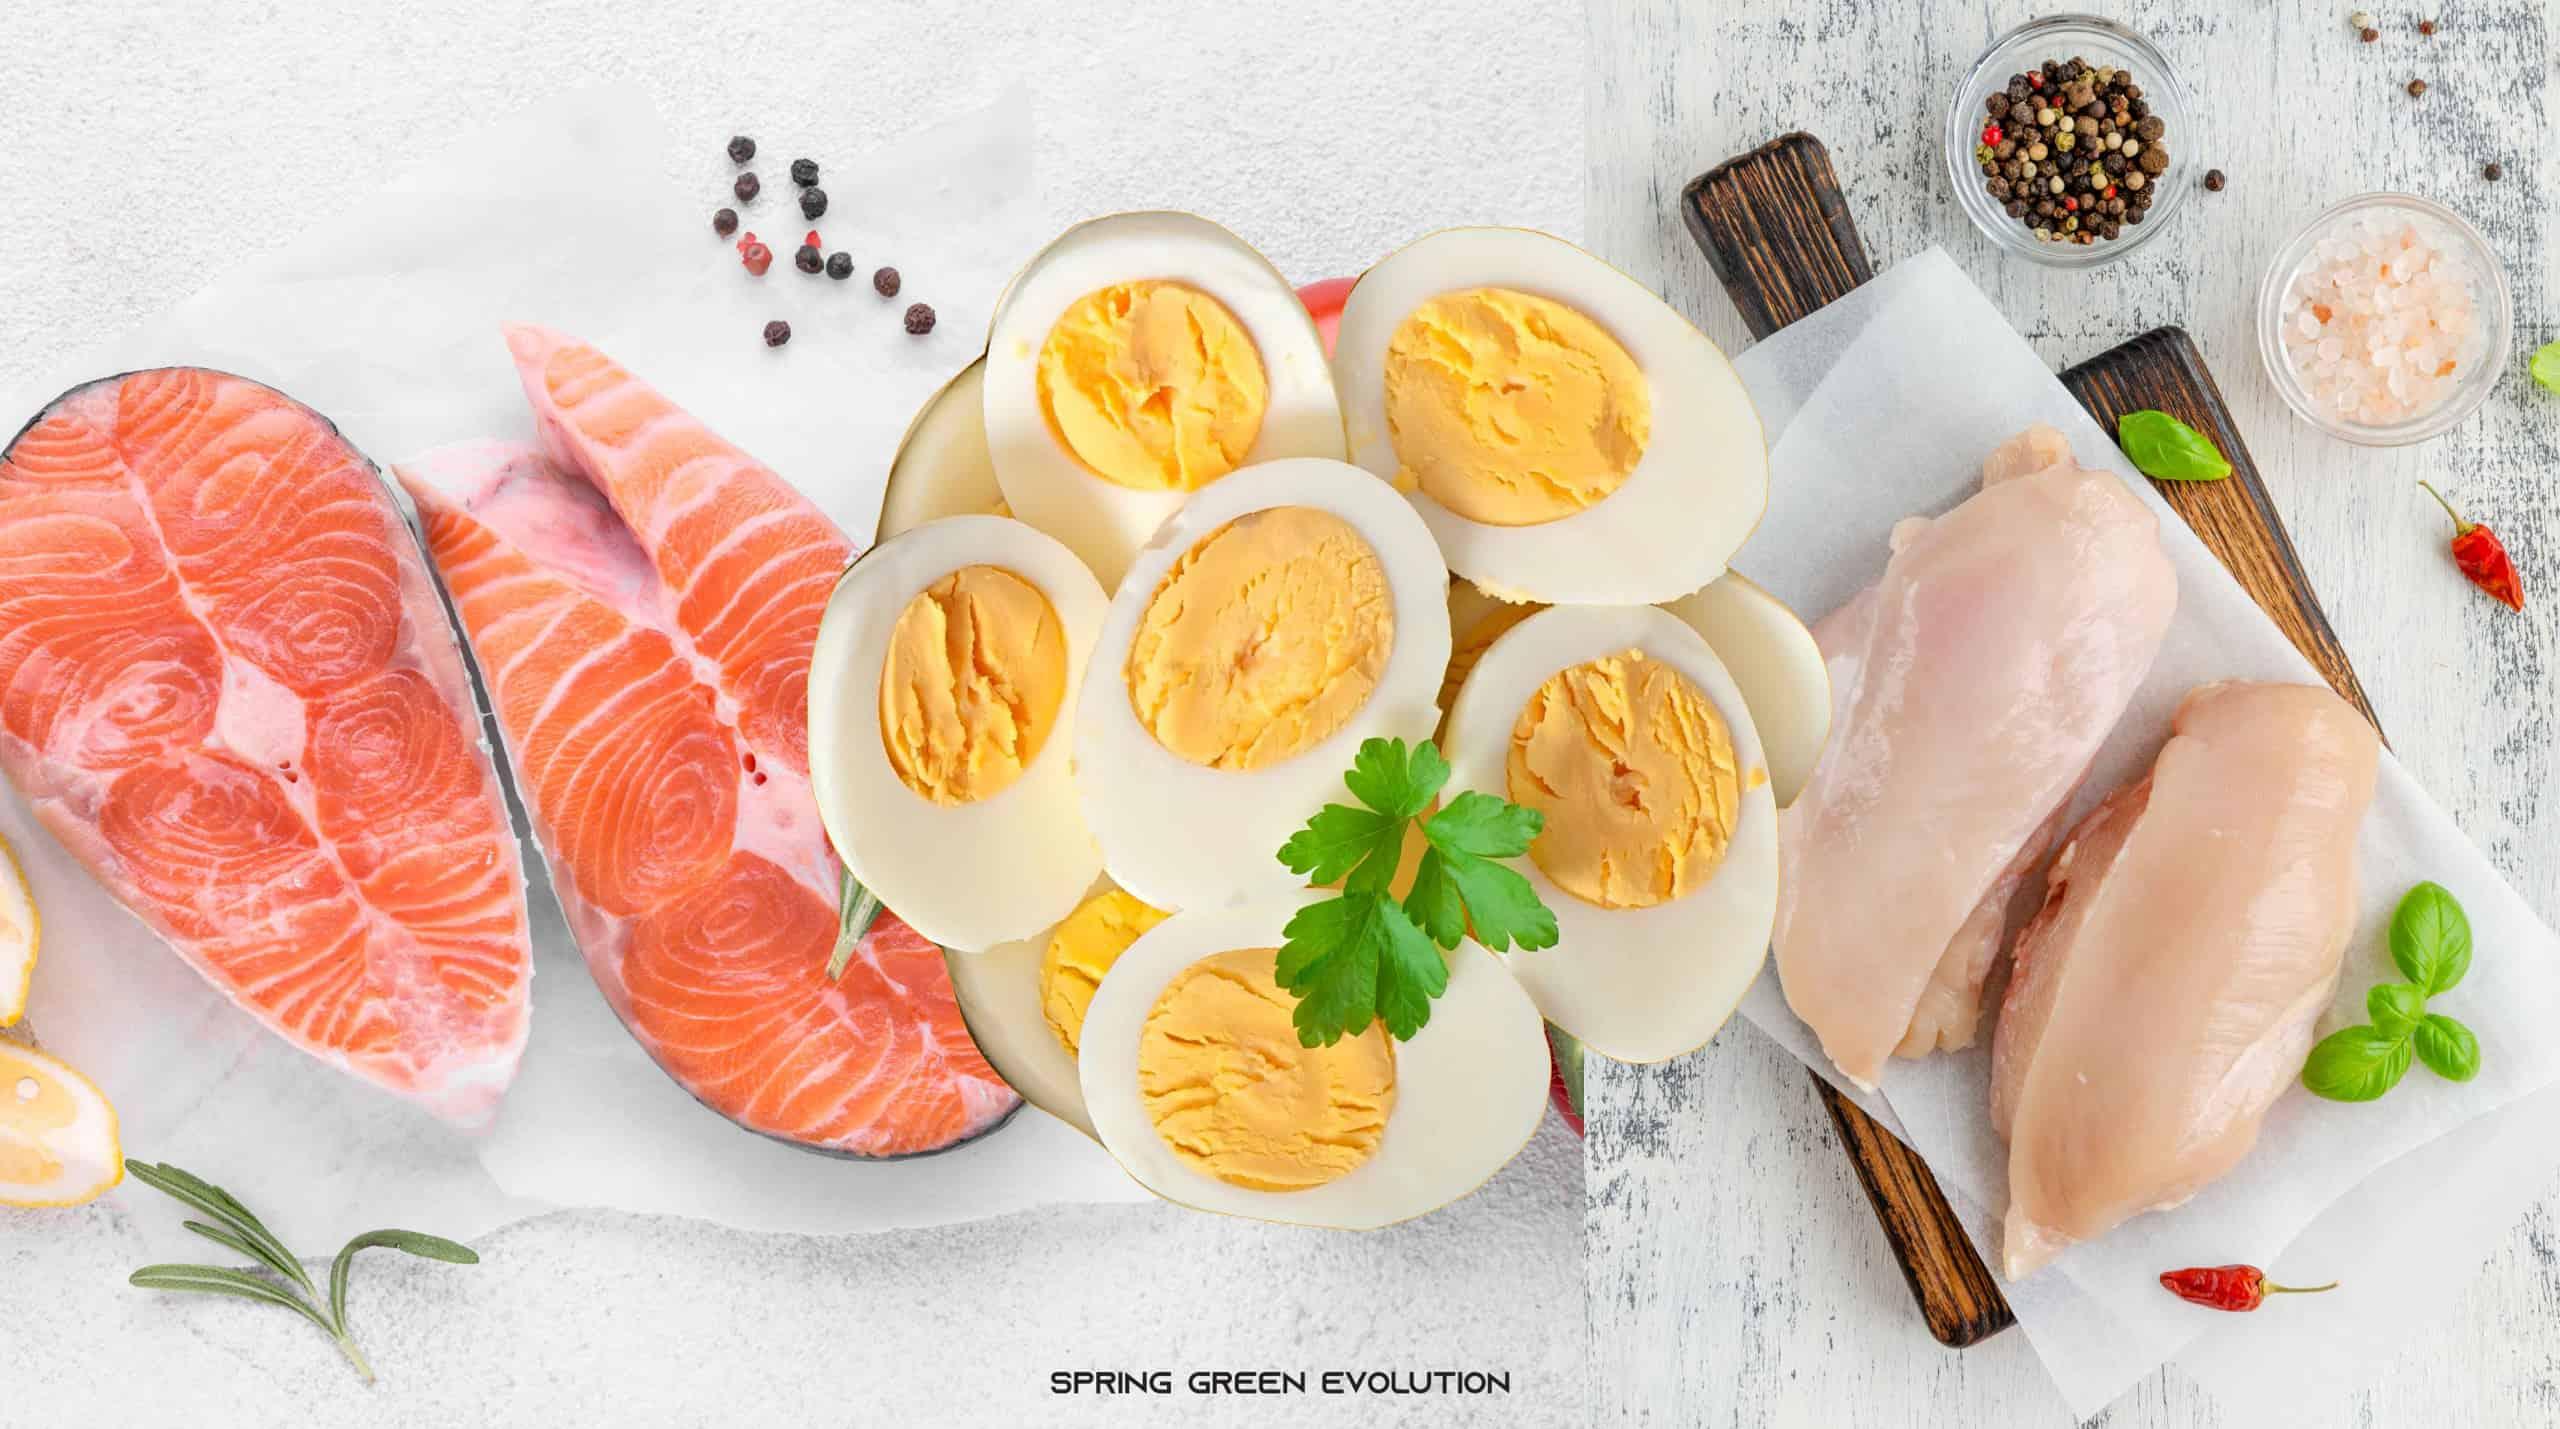 201121-Content-อาหารสร้างกล้ามเนื้อ-วิธีลีนกล้ามเนื้อแบบไร้ไขมัน-02